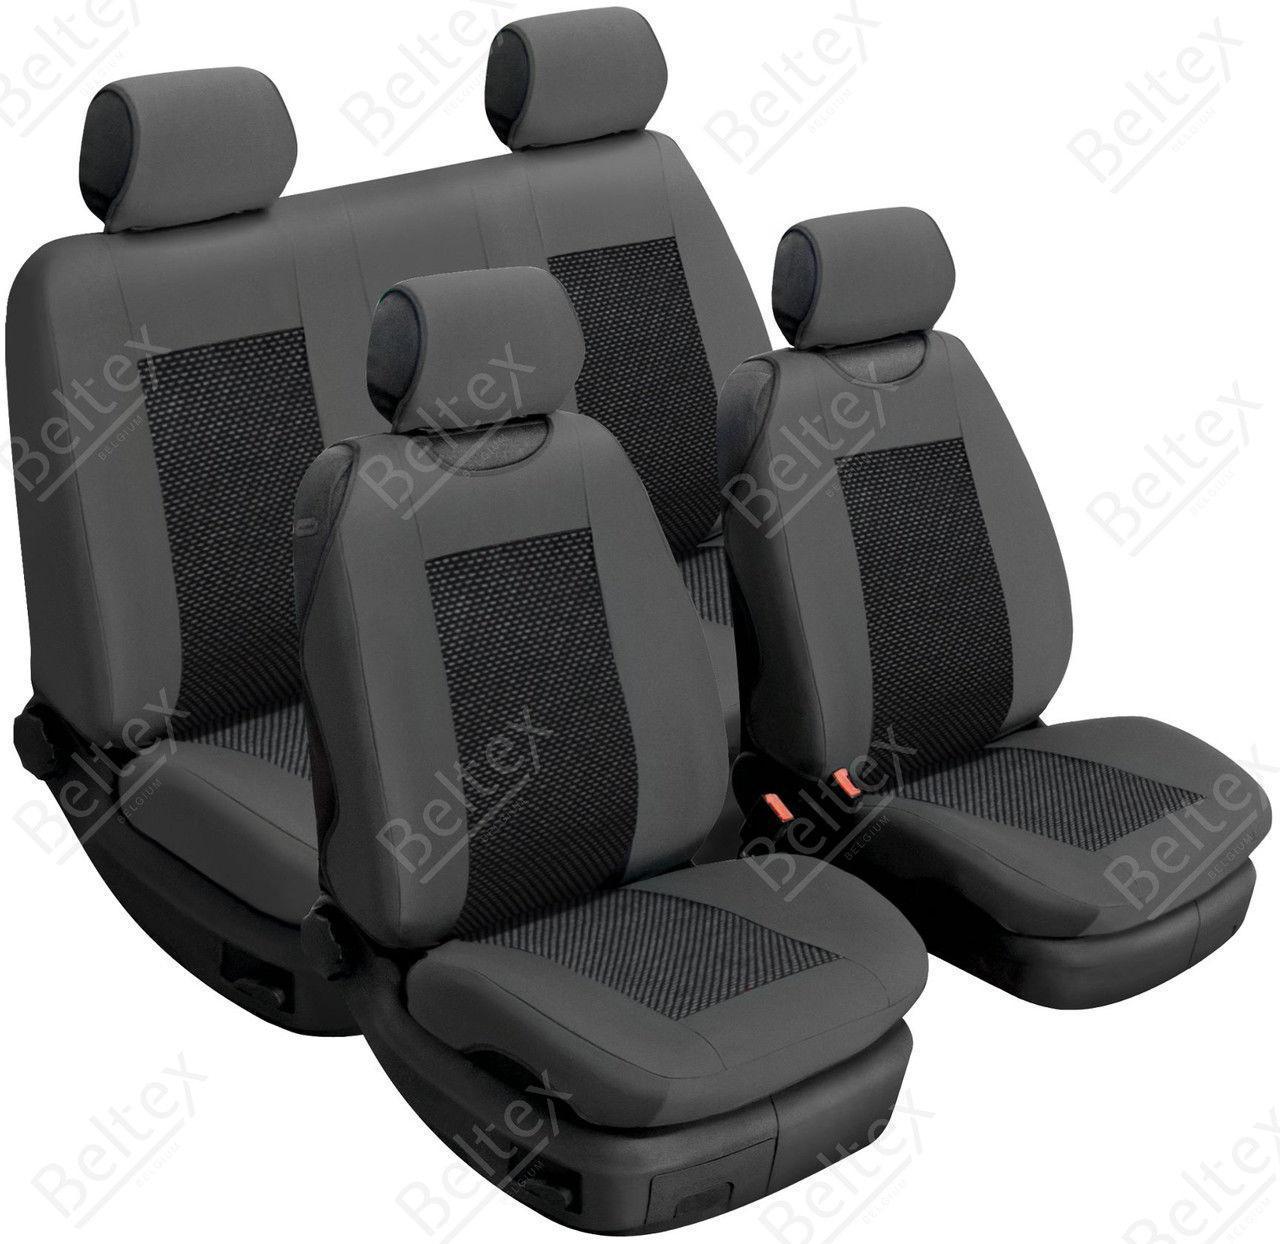 Майки/чехлы на сиденья Фольксваген Пассат Б6 (Volkswagen Passat B5)